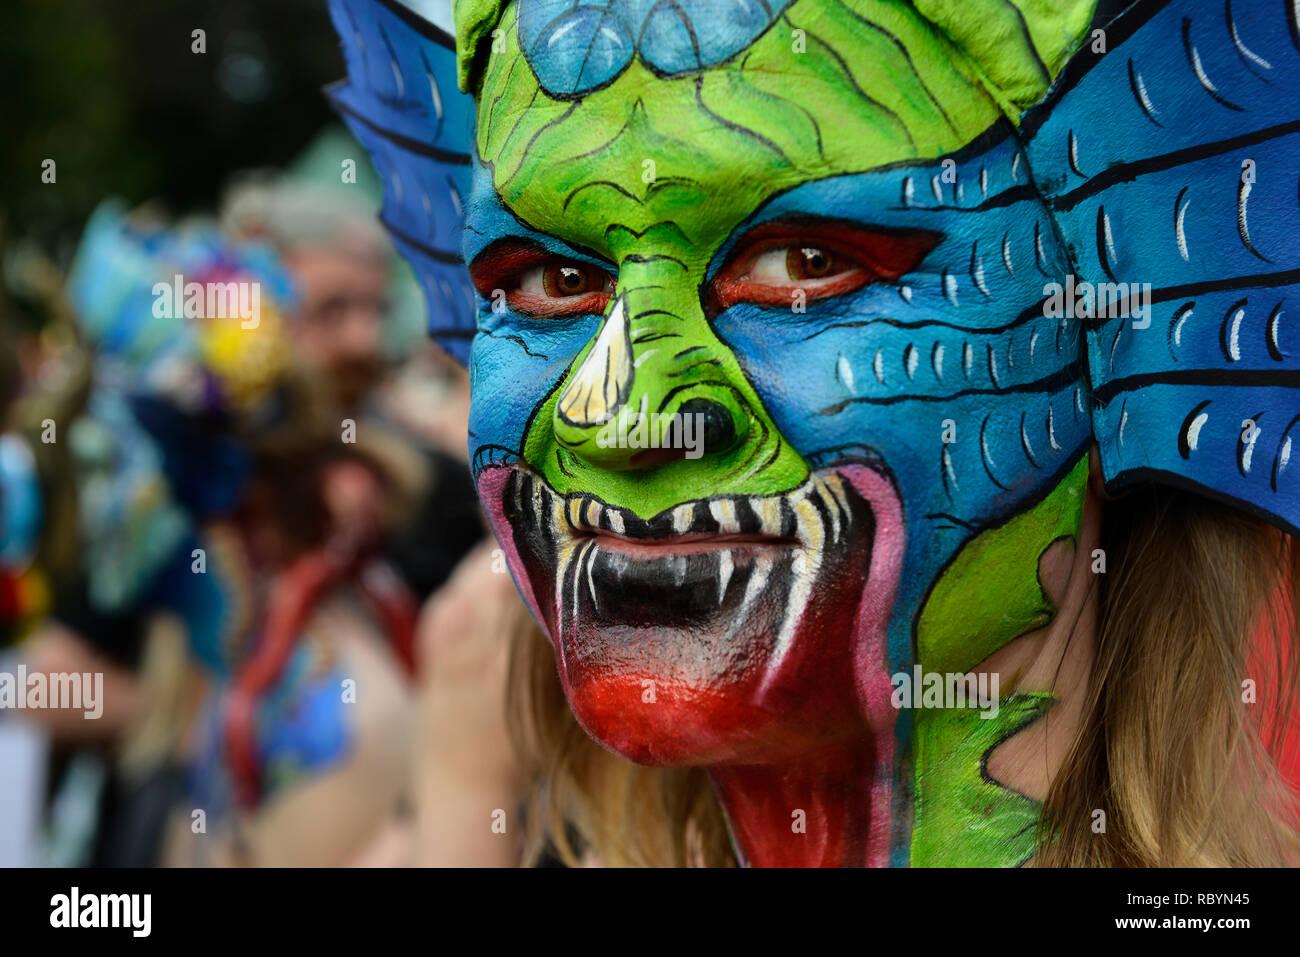 Une femme avec un visage peinture d'un dragon posant au cours de l'organisme art festival à Klagenfurt, Autriche, Europe. Photo Stock